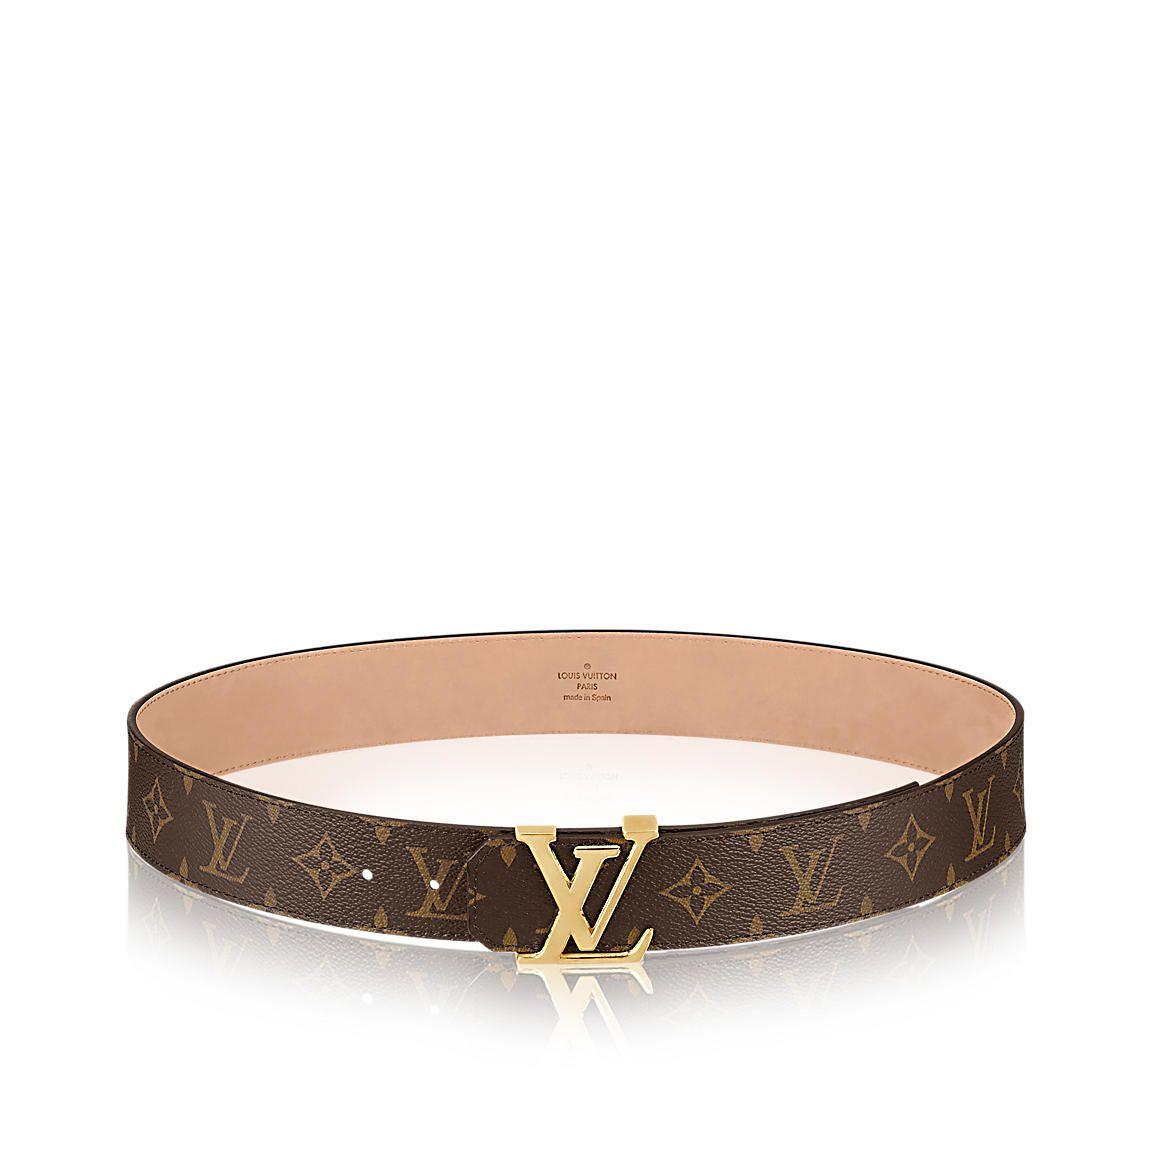 d3ce44ad9e32 Ceinture LV Initiales Monogram (M9608T) – de Louis Vuitton - Ceintures et accessoires  griffés - Louis Vuitton Canada